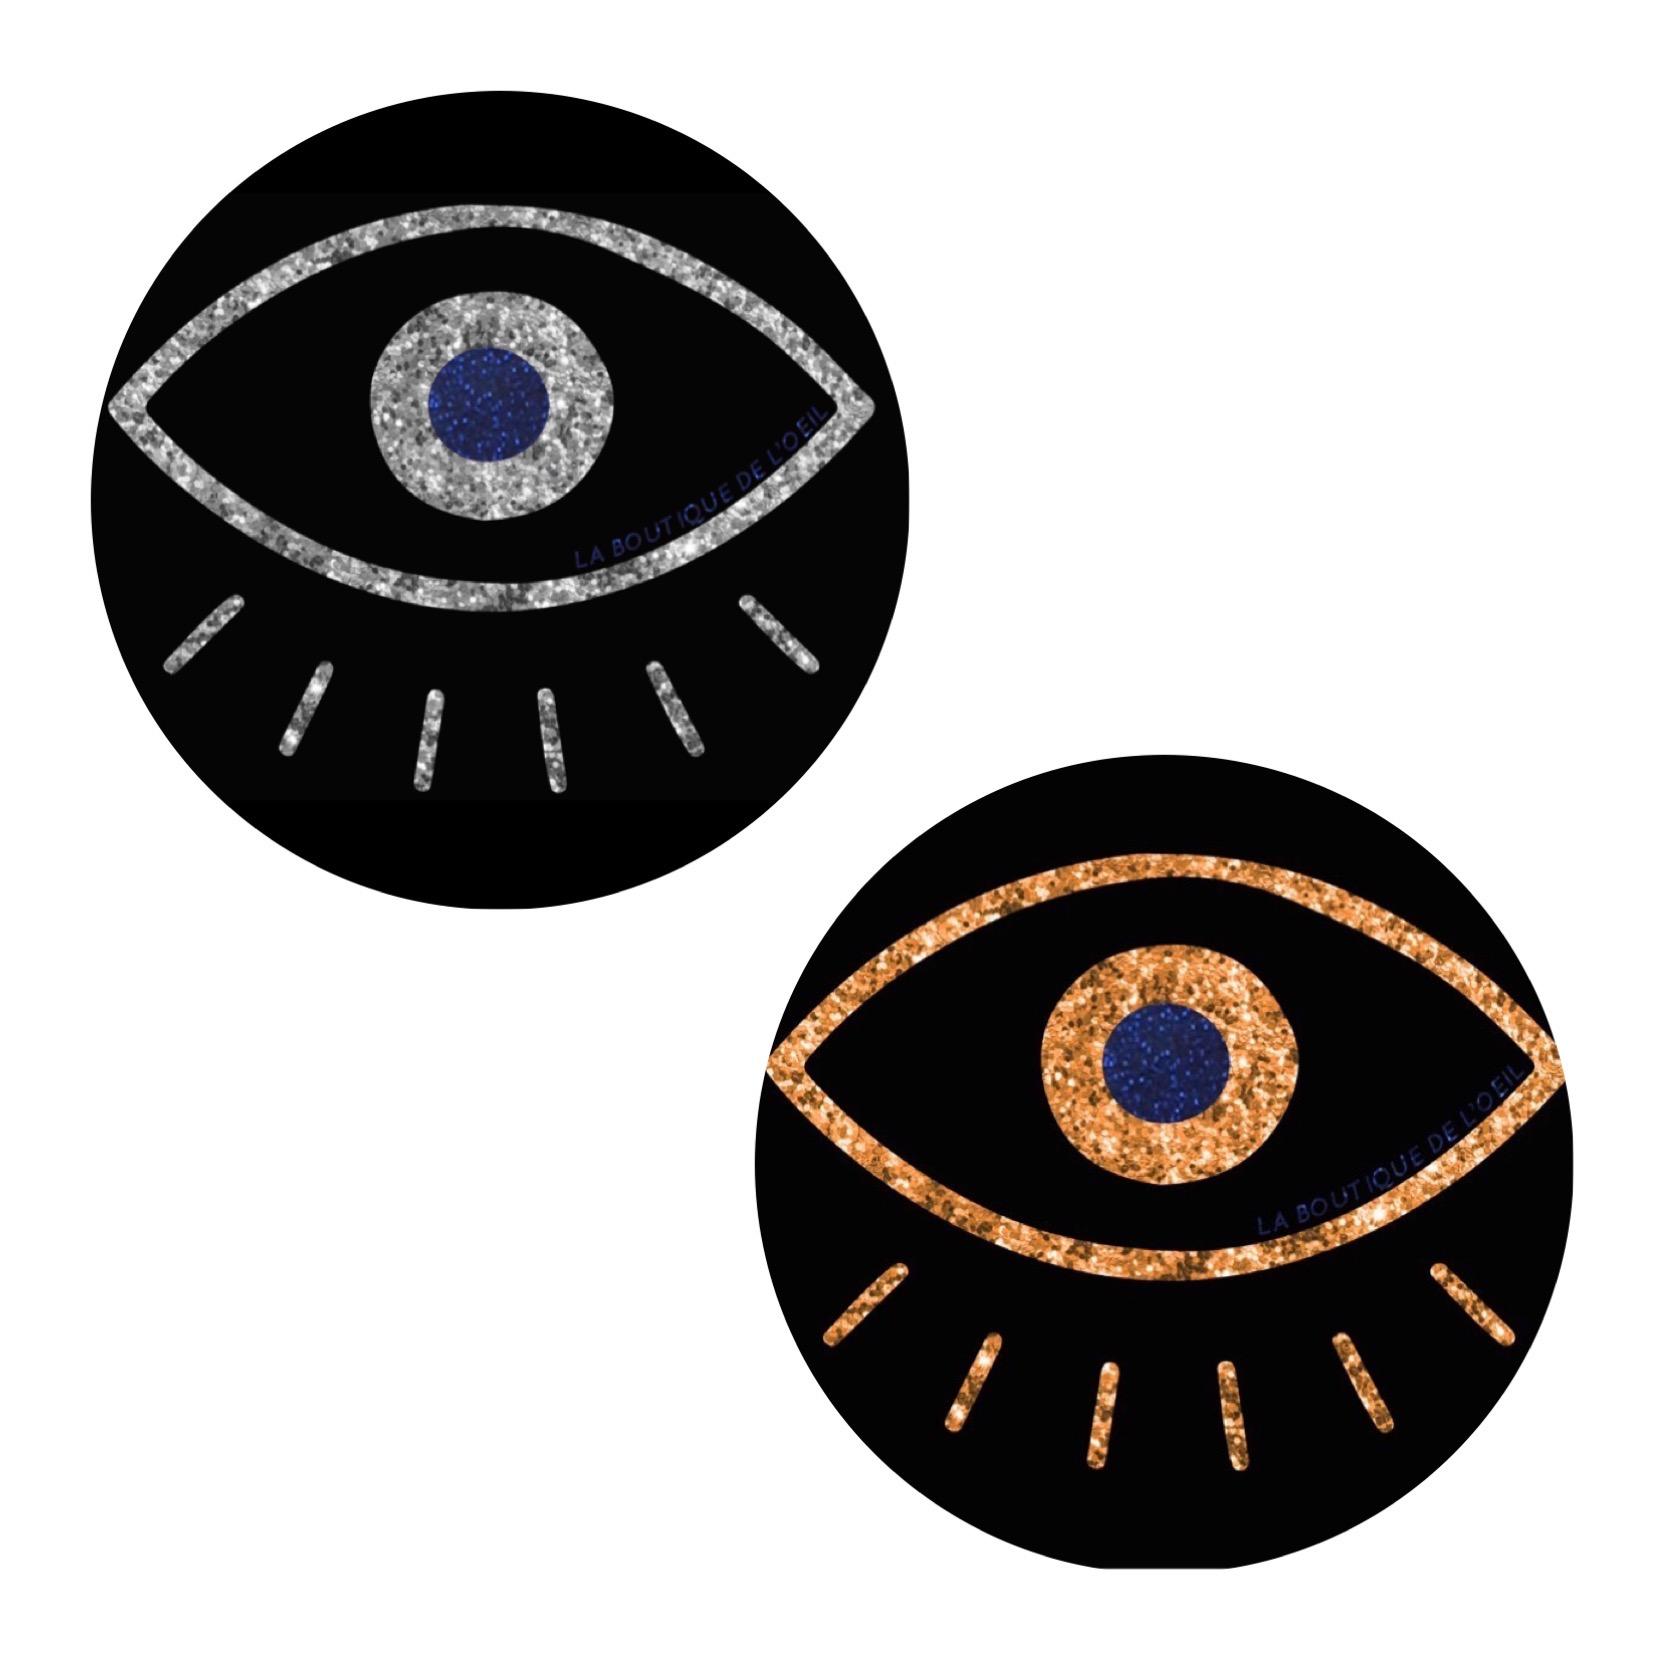 oeil la boutique de loeil regard bijoux eye boutique de bijoux bracelet style